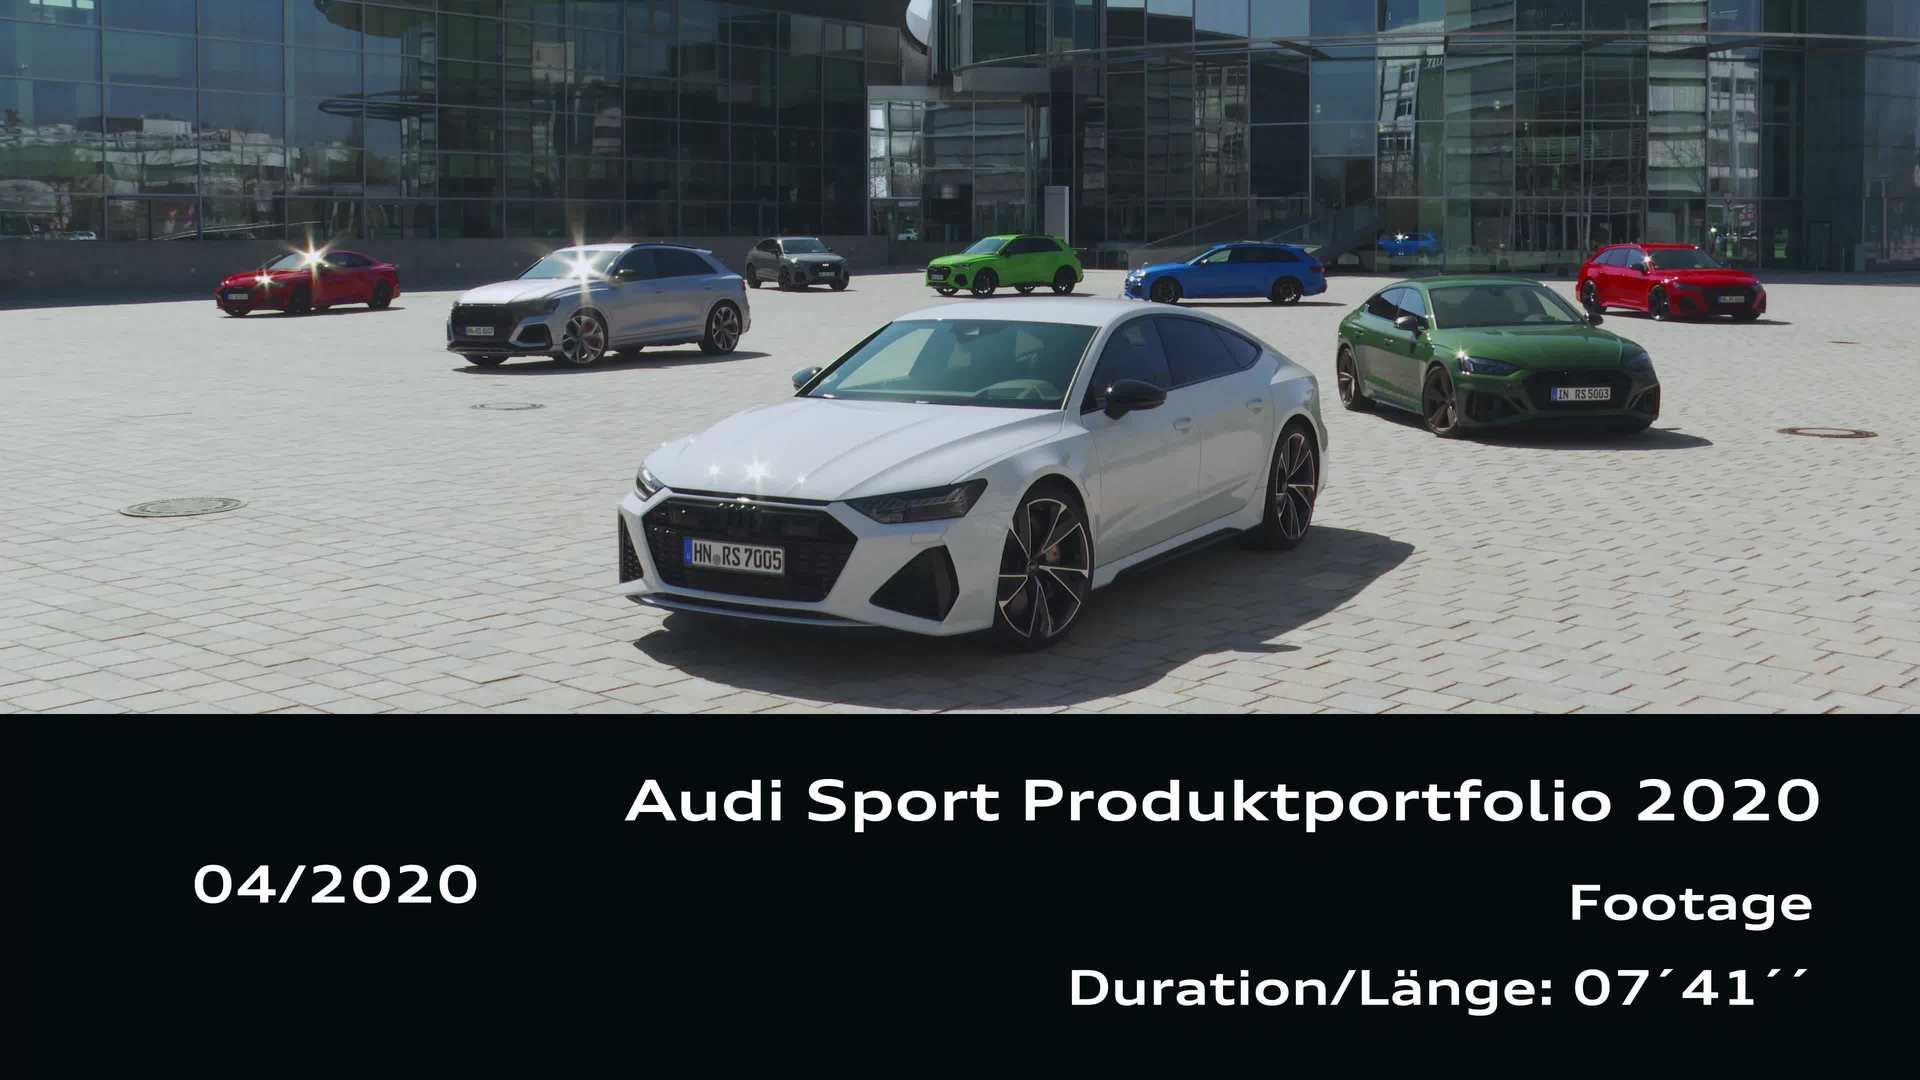 Footage: Audi Sport Produktportfolio 2020